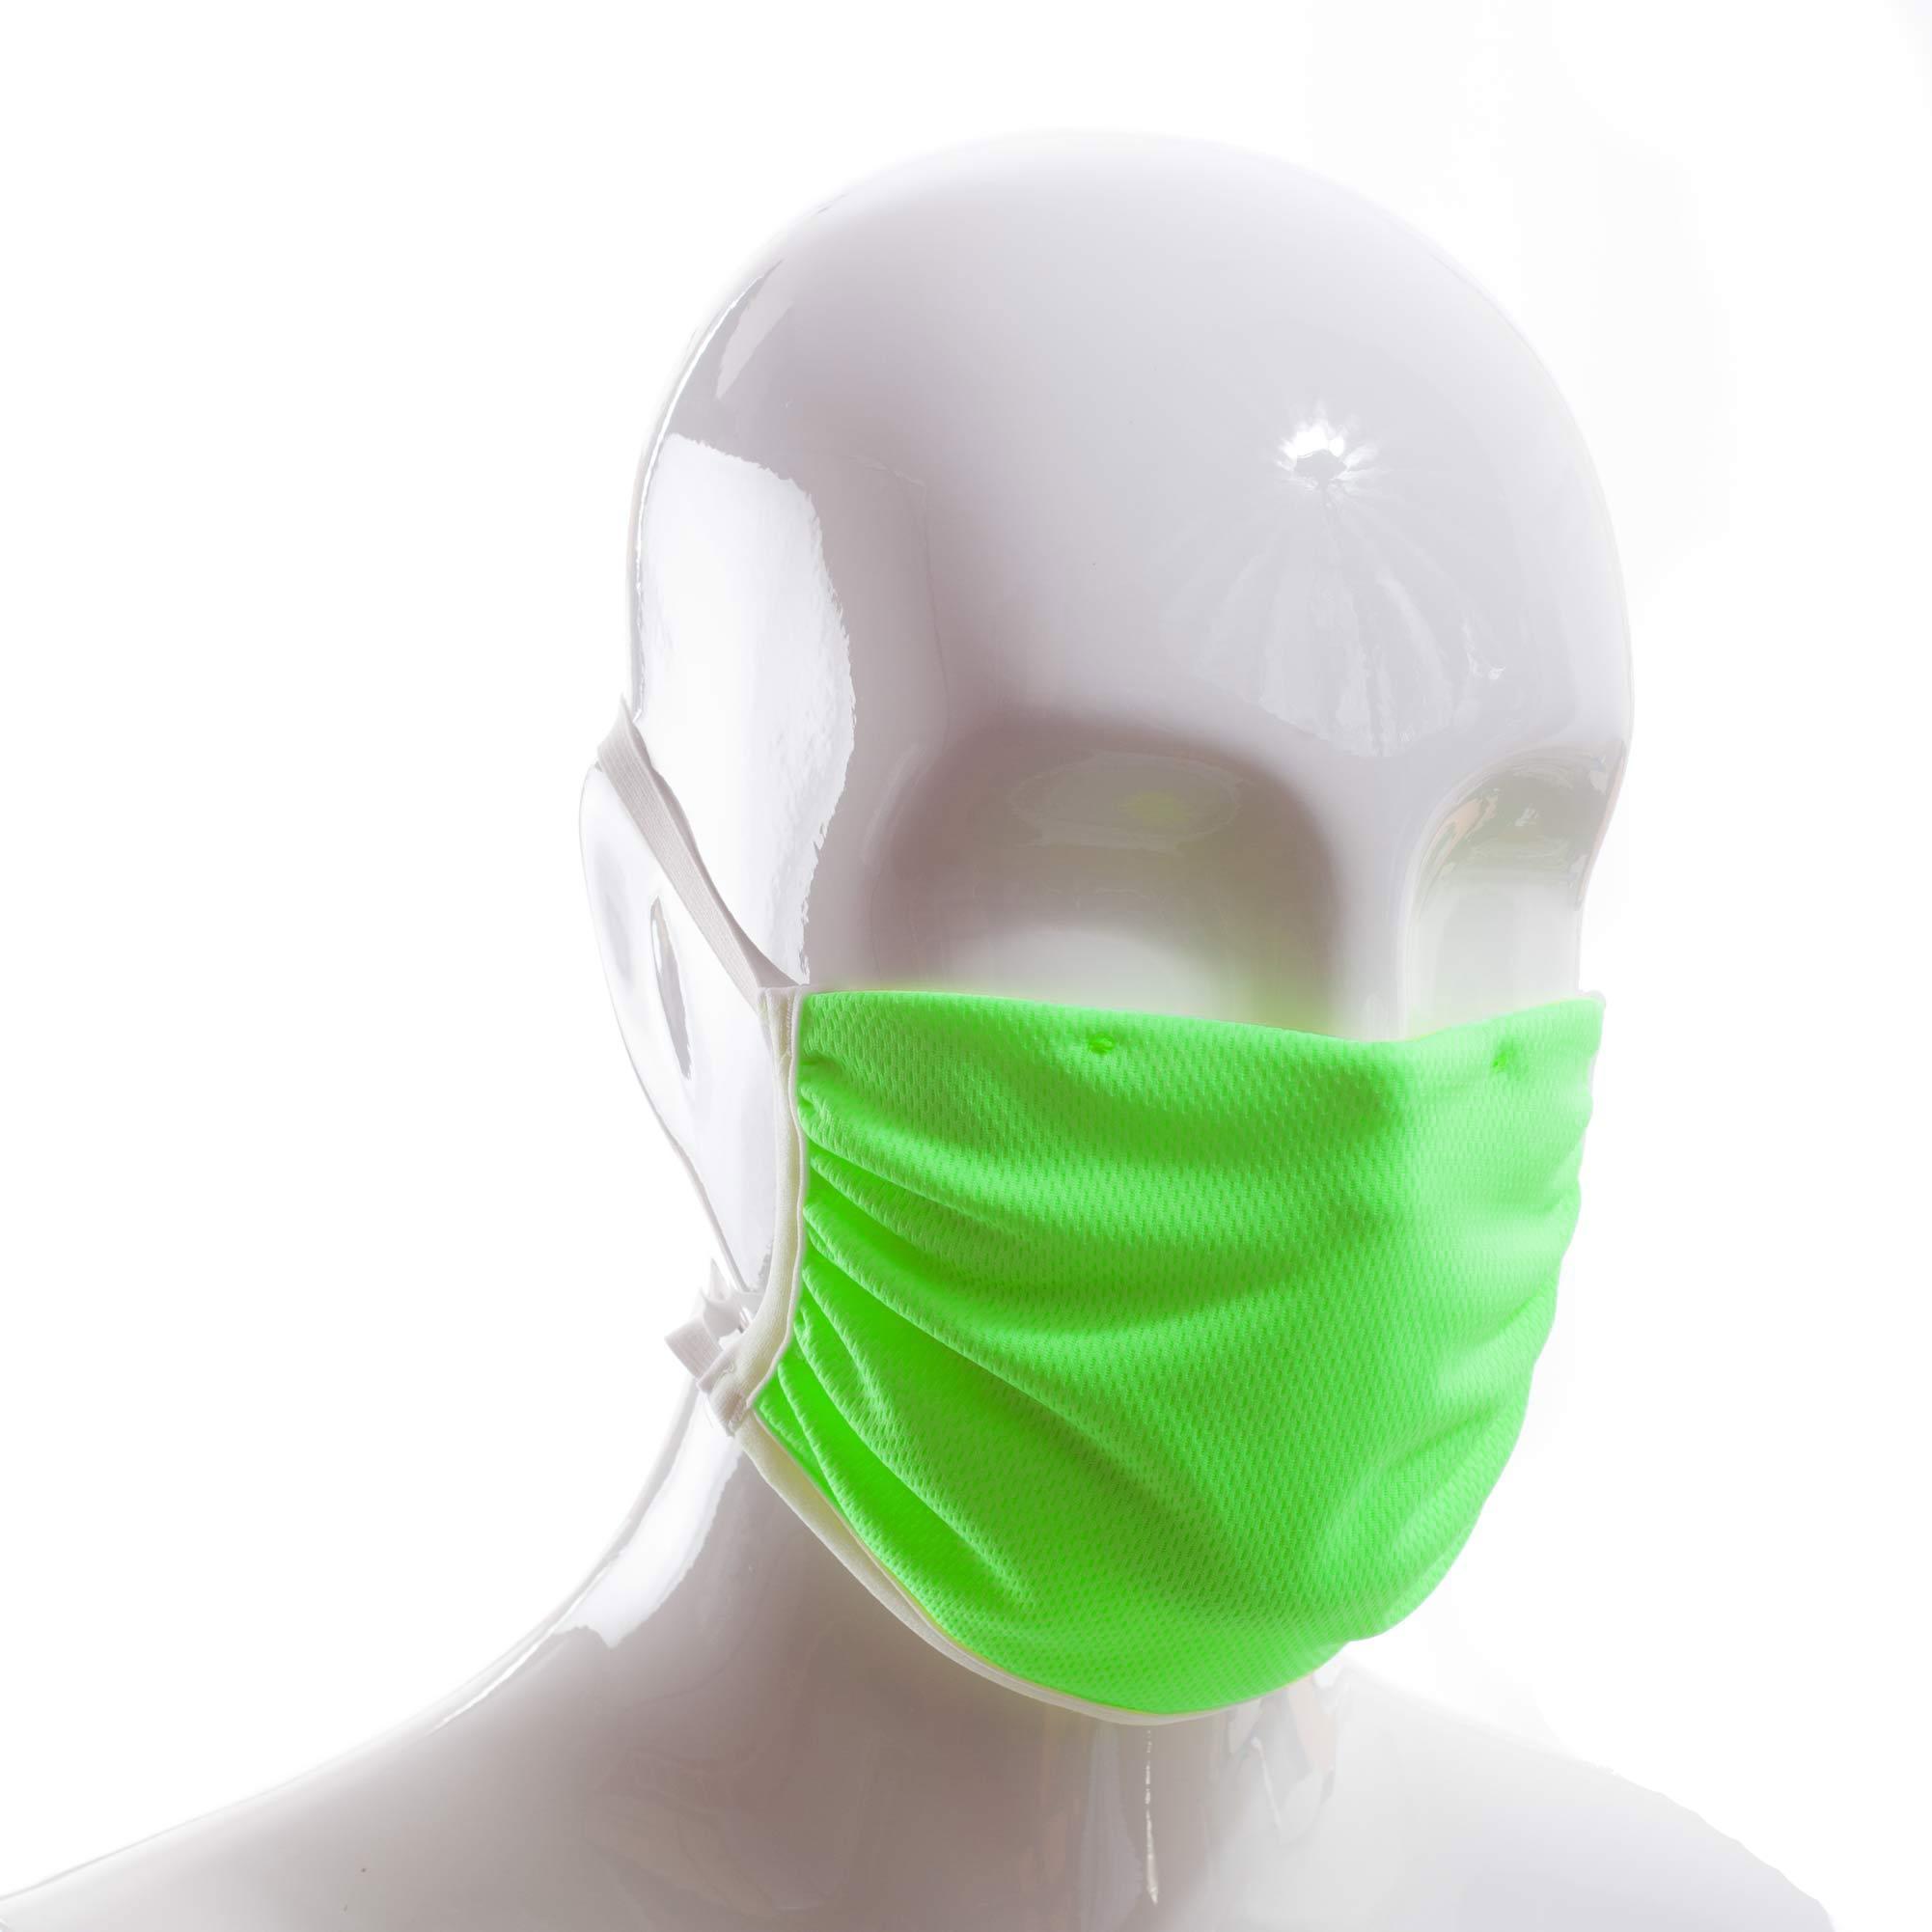 Die Polyester Mund-Nasen Maske CXM5g von der Wonneberger Manufaktur ist eine textile Behelfsmaske, kein zertifizierter Mundschutz.  Sie schützt nur bedingt vor Ansteckung. Ihr eigentlicher Zweck ist es, den Atem des Trägers zu filtern und dadurch seine Umgebung zu schützen.  Daher muss die…